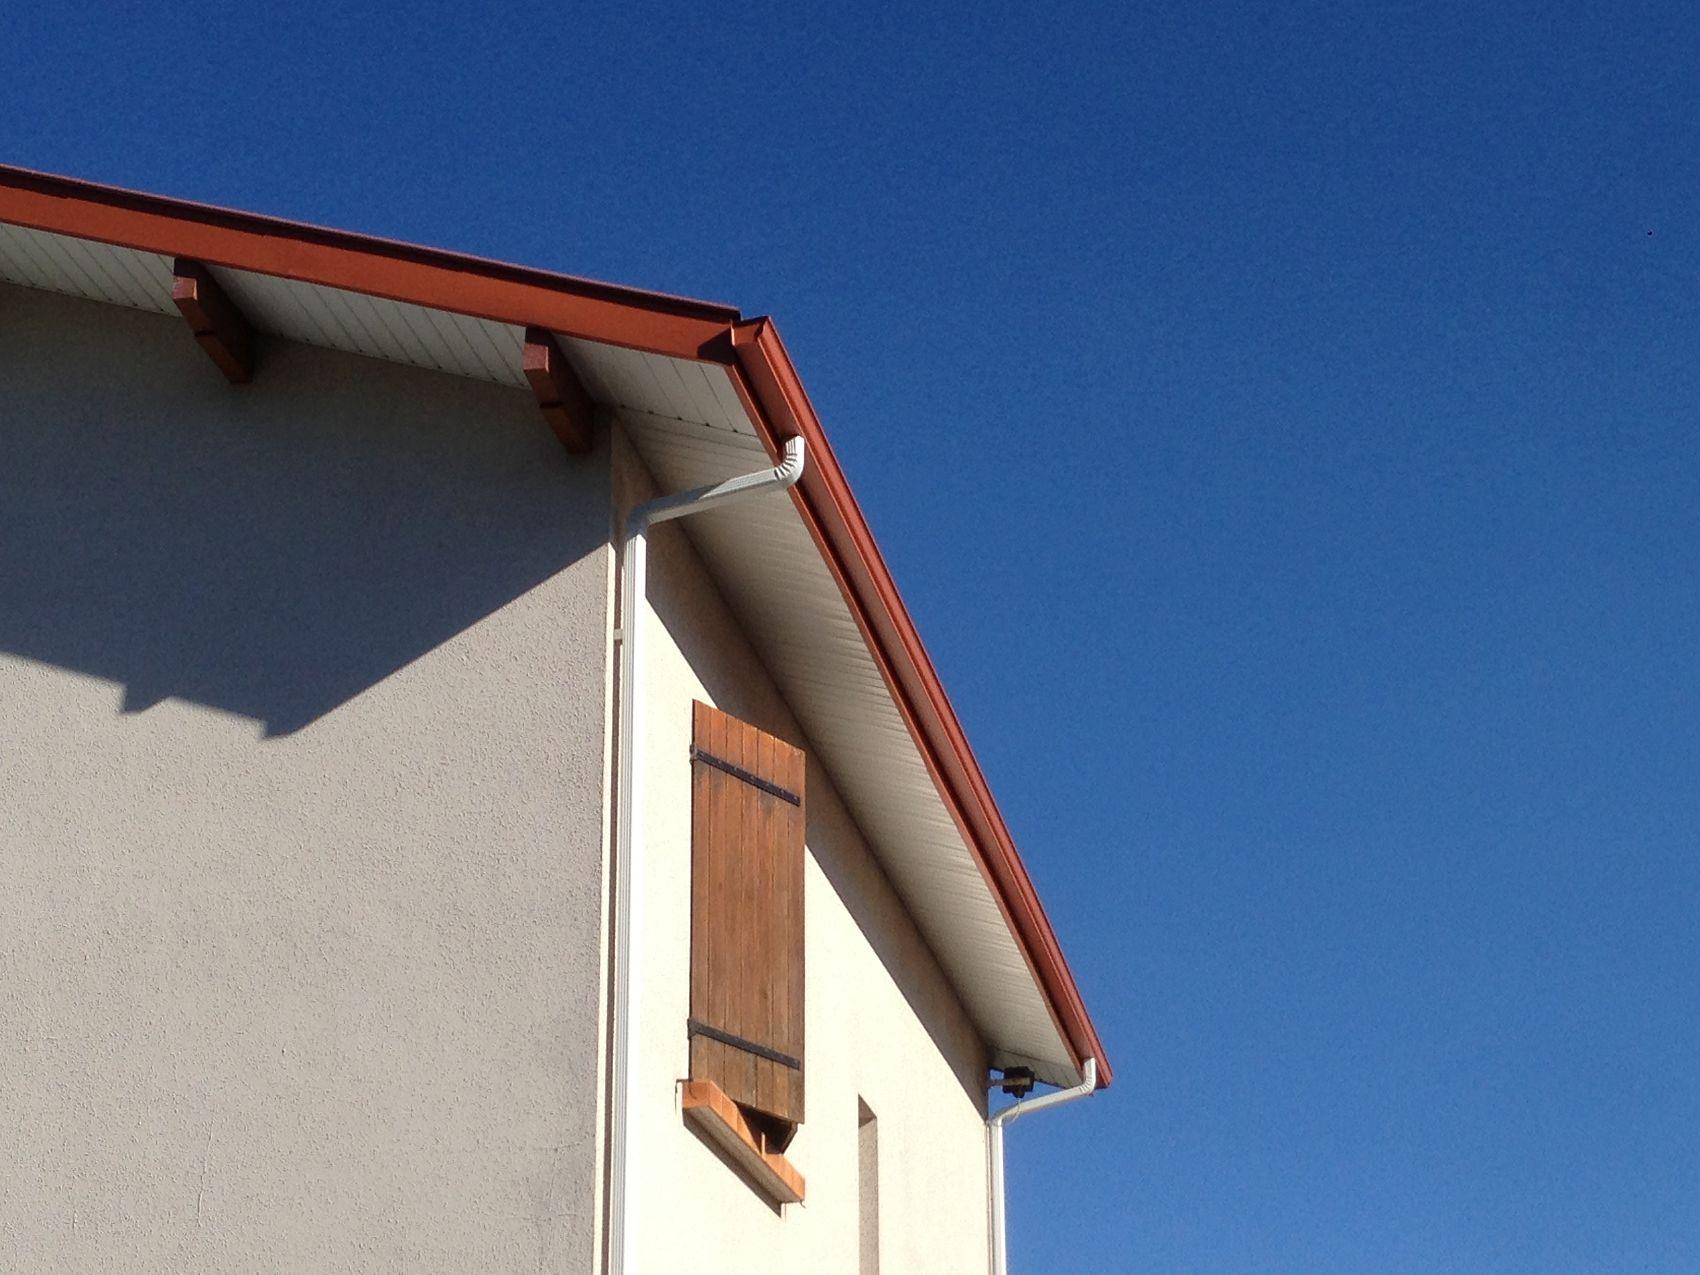 Comment monter un faux plafond en pvc faux plafond bois for Plafond facile a poser